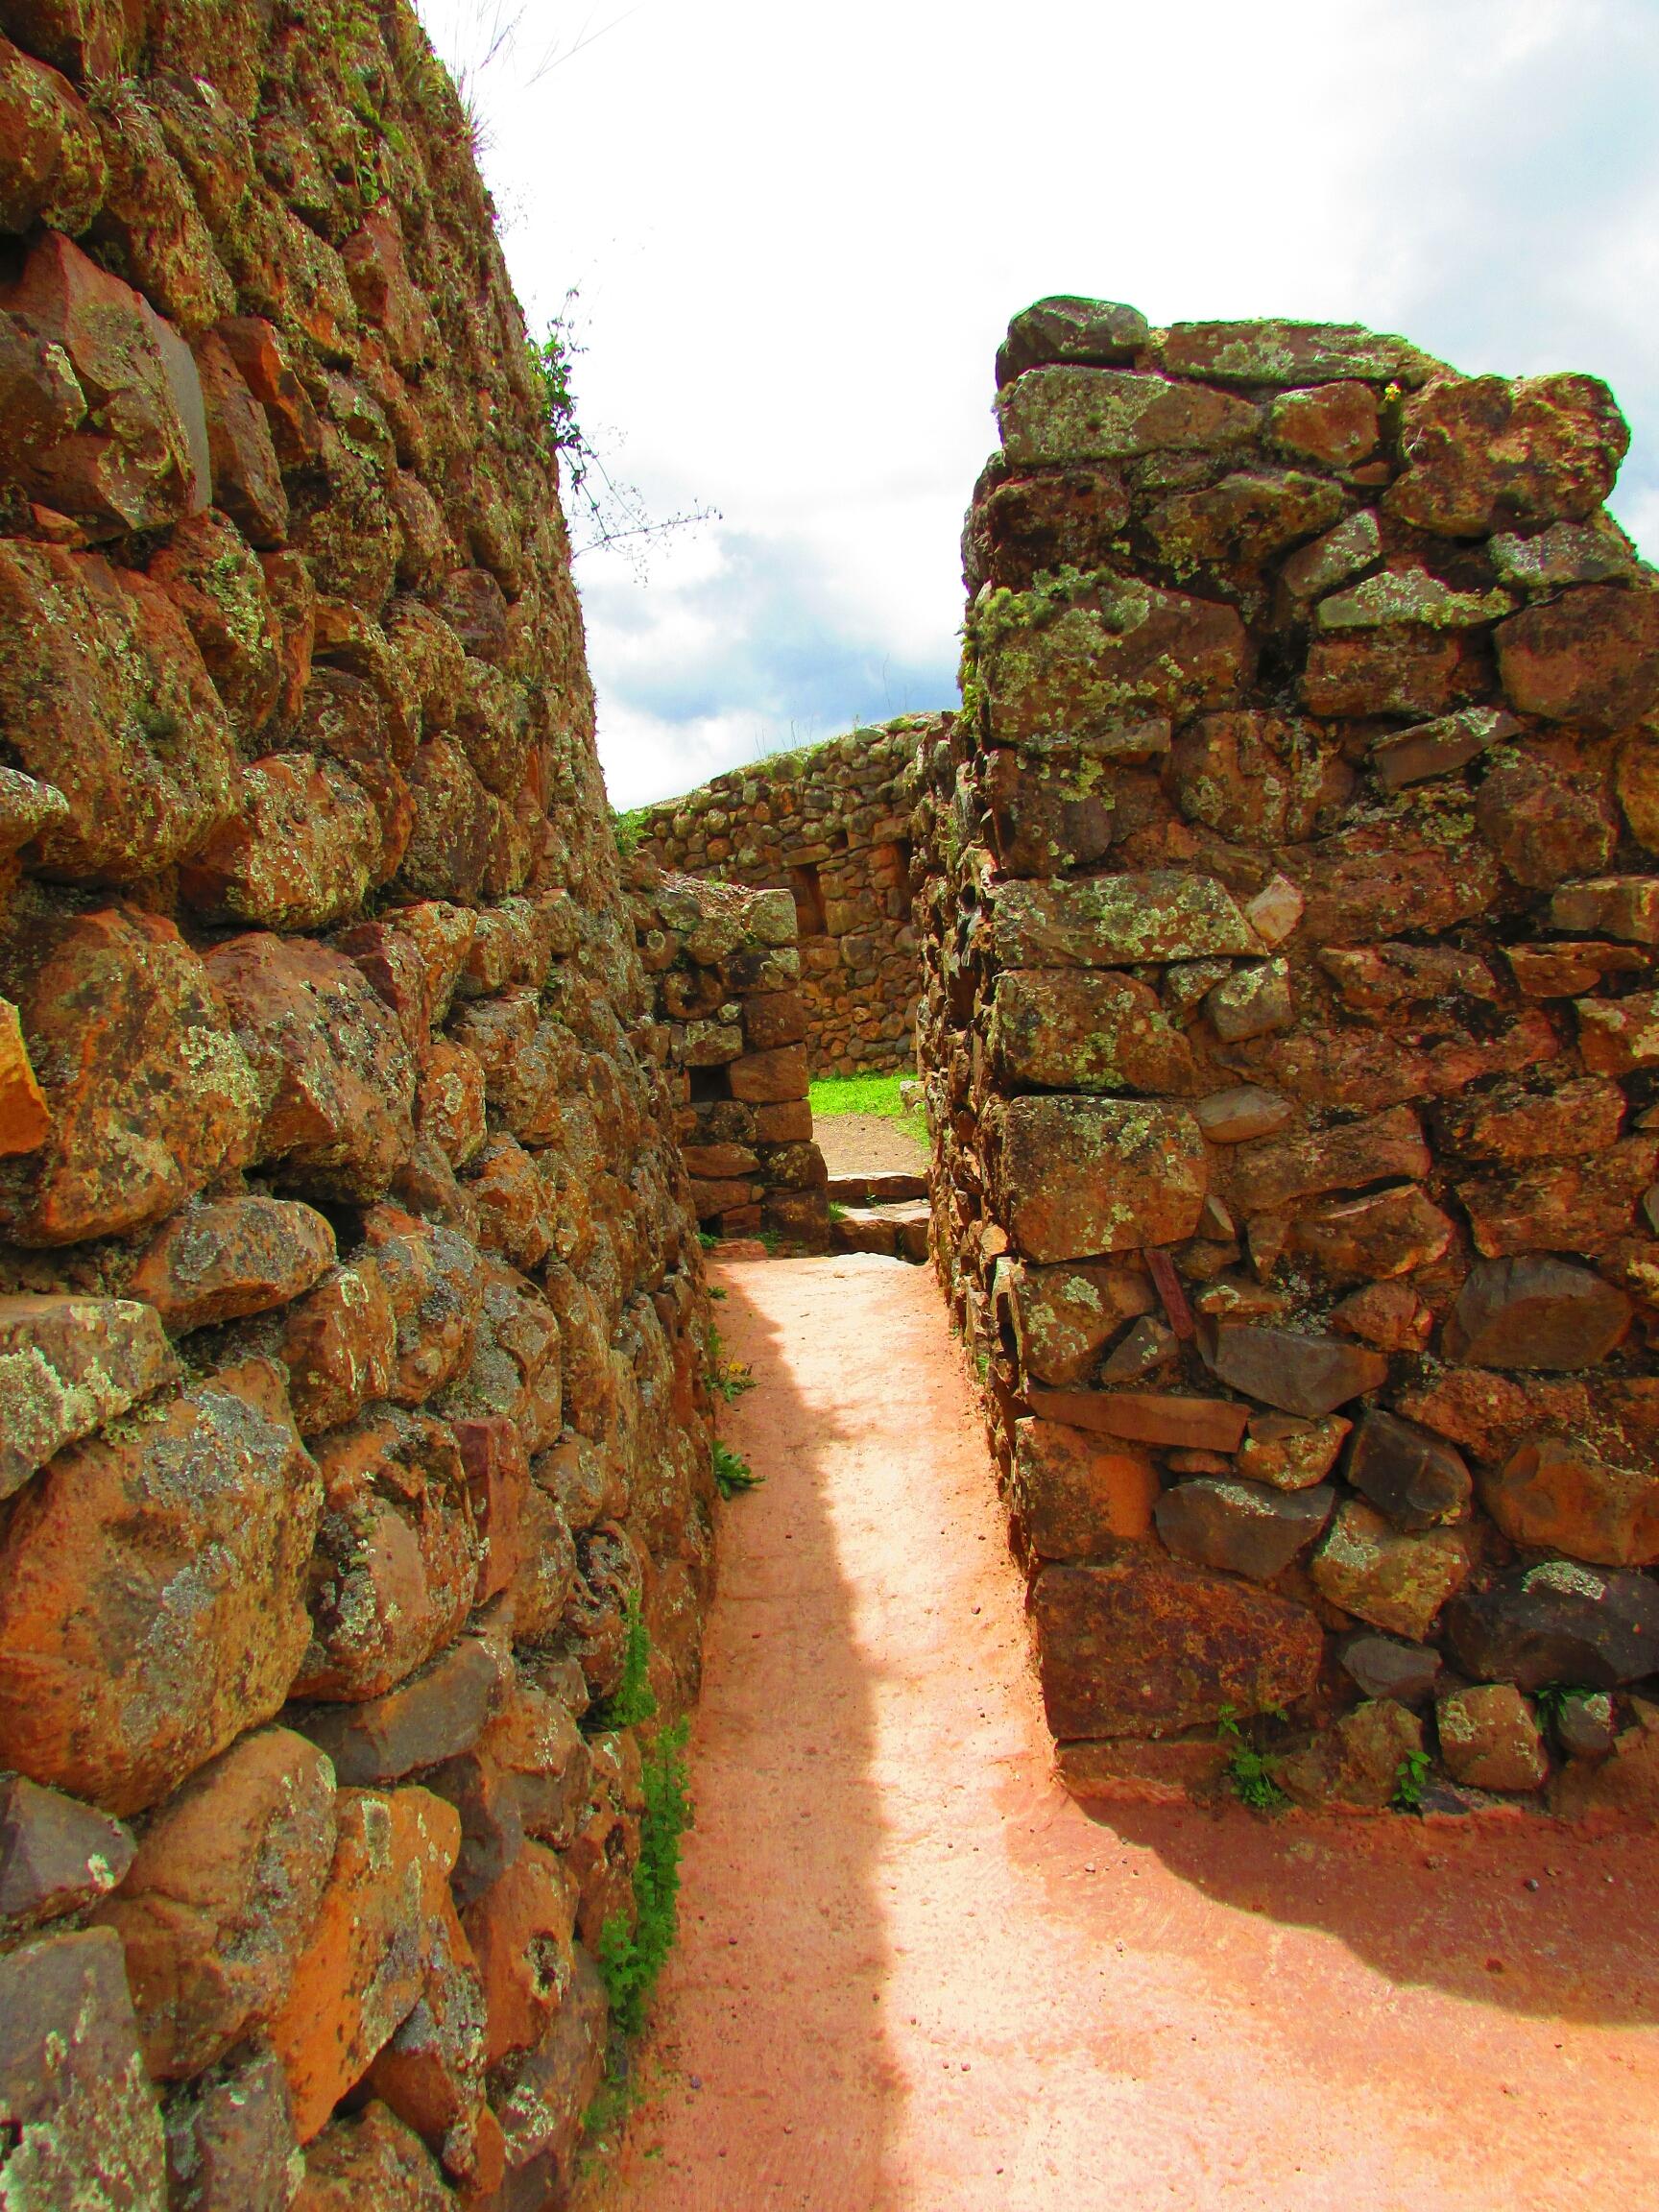 construcciones incas de casas de campesinos en Písac en el Valle Sagrado cerca de Cuzco